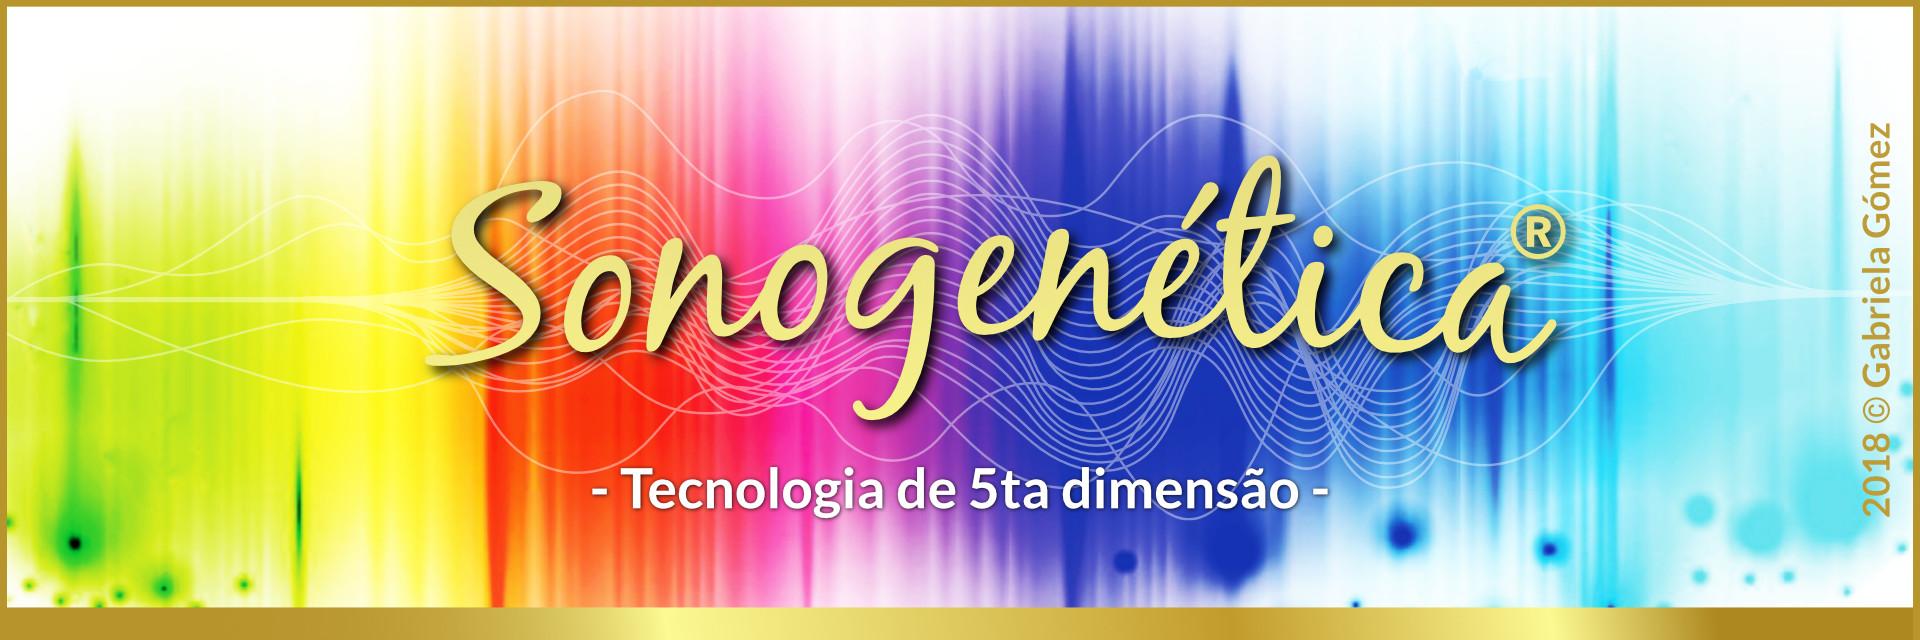 Sonogenética